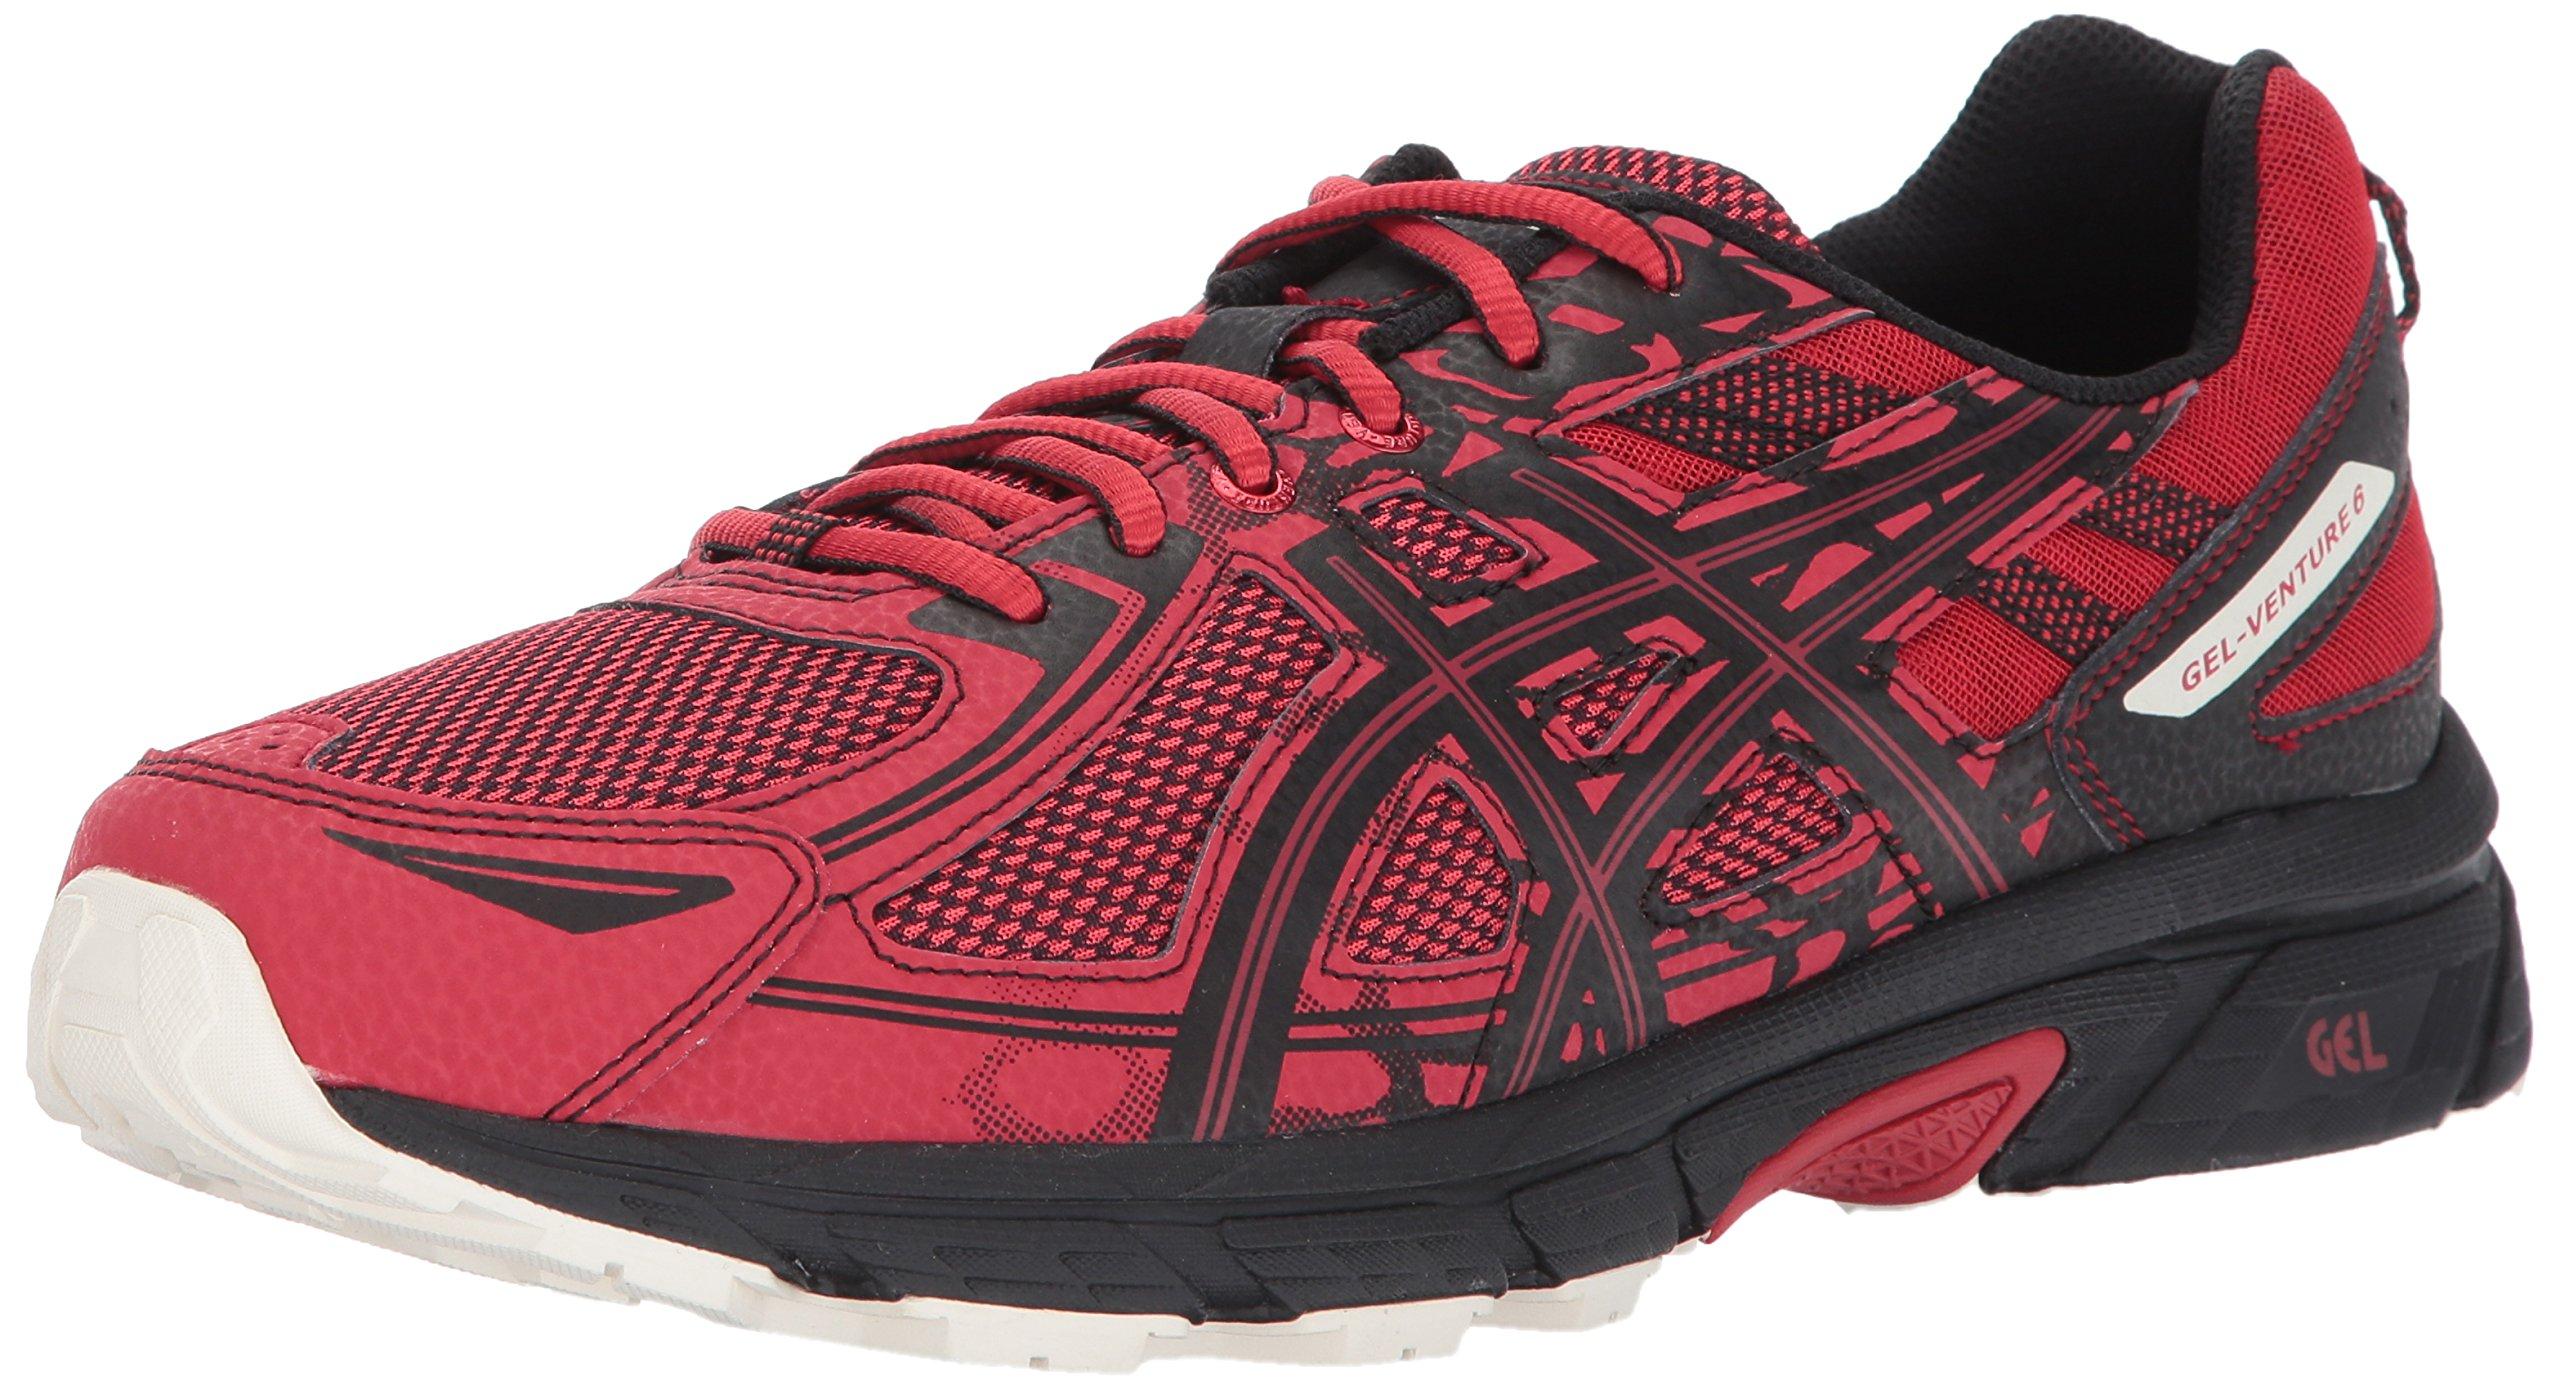 ASICS Mens Gel-Venture 6 Running Shoe, Lychee/Black/Whisper White, 11.5 Medium US by ASICS